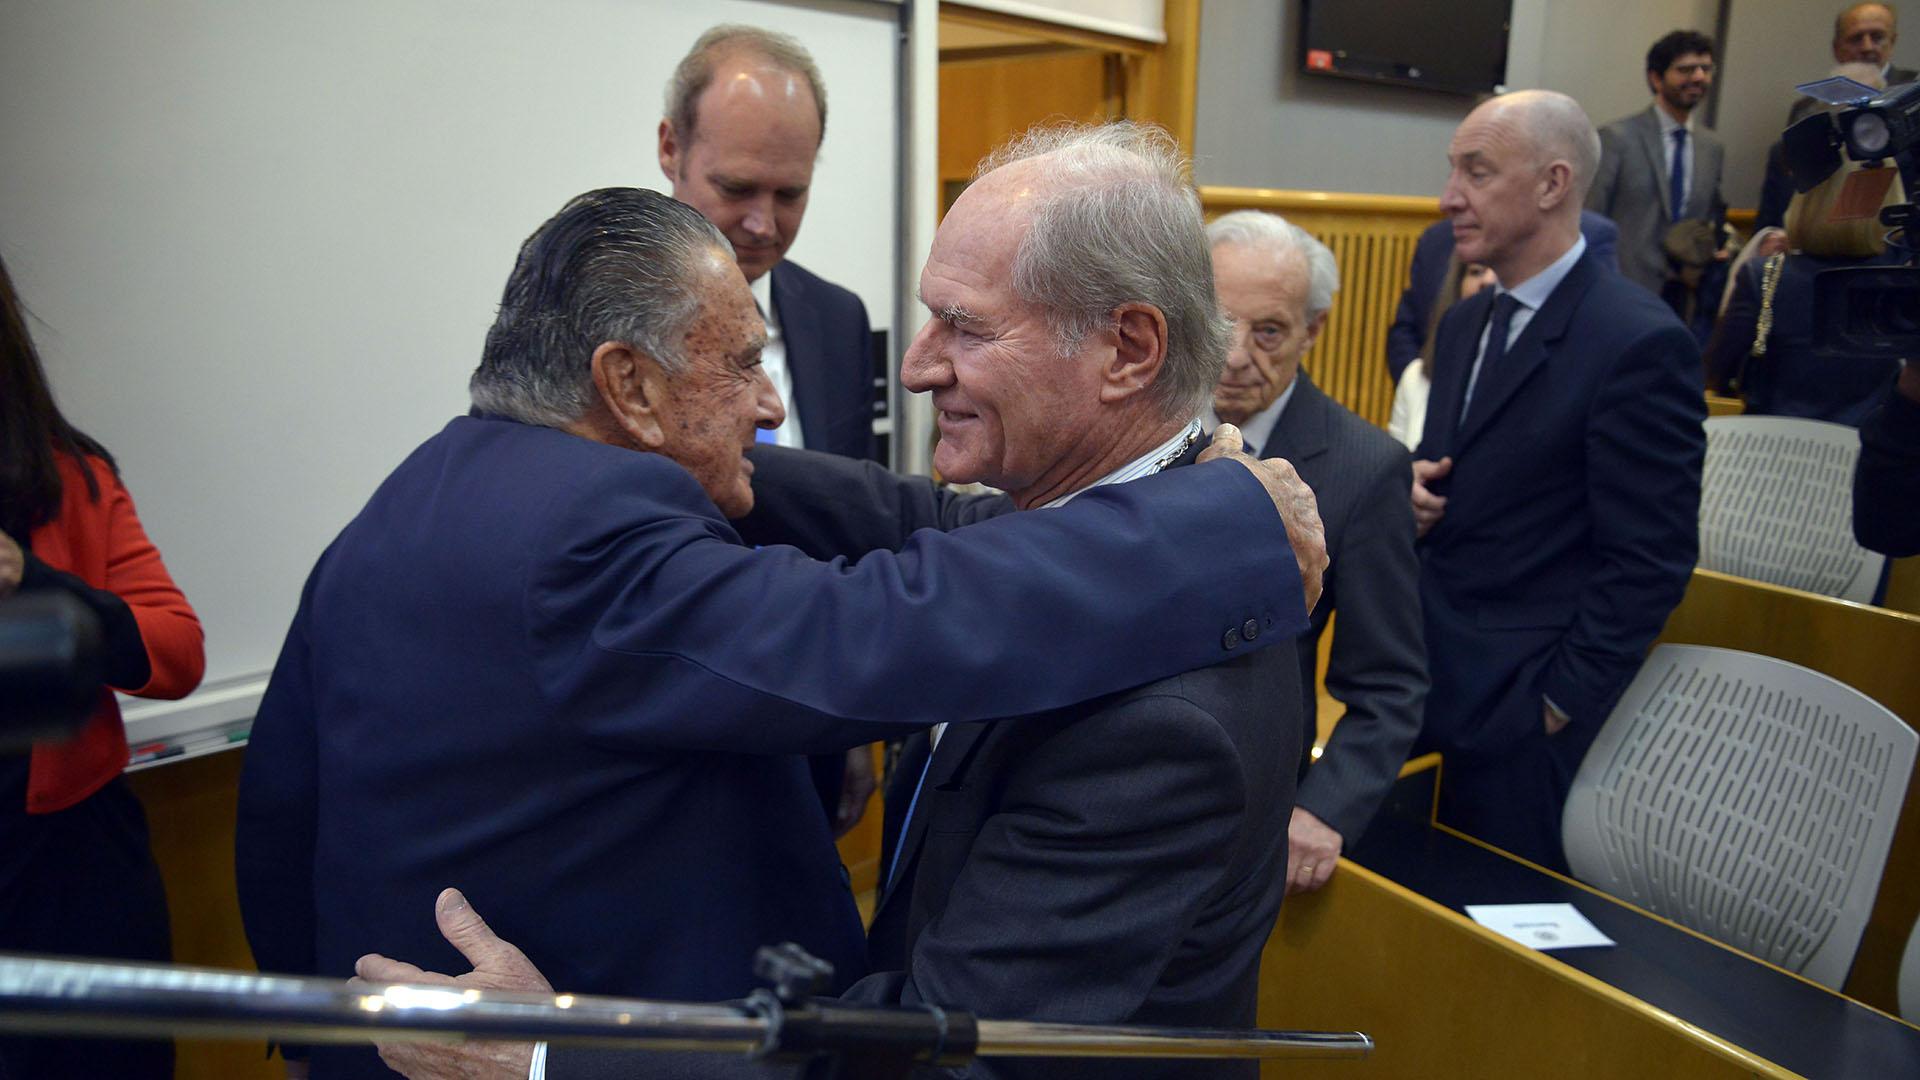 Federico Braun, de Banco Galicia y La Anónima, saluda a Eurnekian